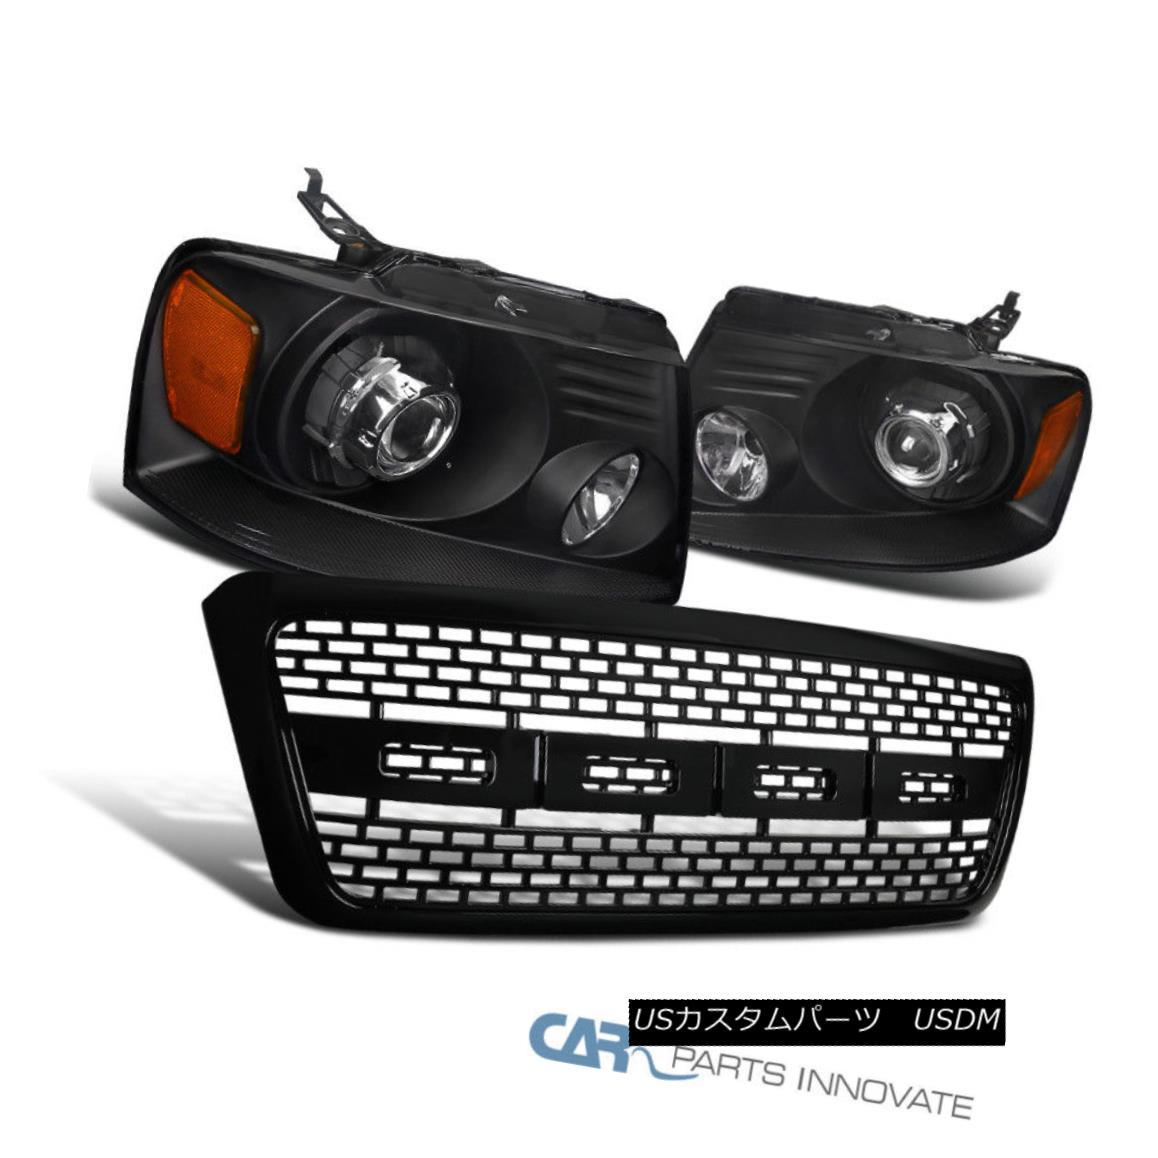 グリル Ford 04-08 F150 Pickup Black Projector Headlights+Raptor Bumper Hood Grille フォード04-08 F150ピックアップブラックプロジェクターヘッドライト+ラップ tor Bumper Hood Grille